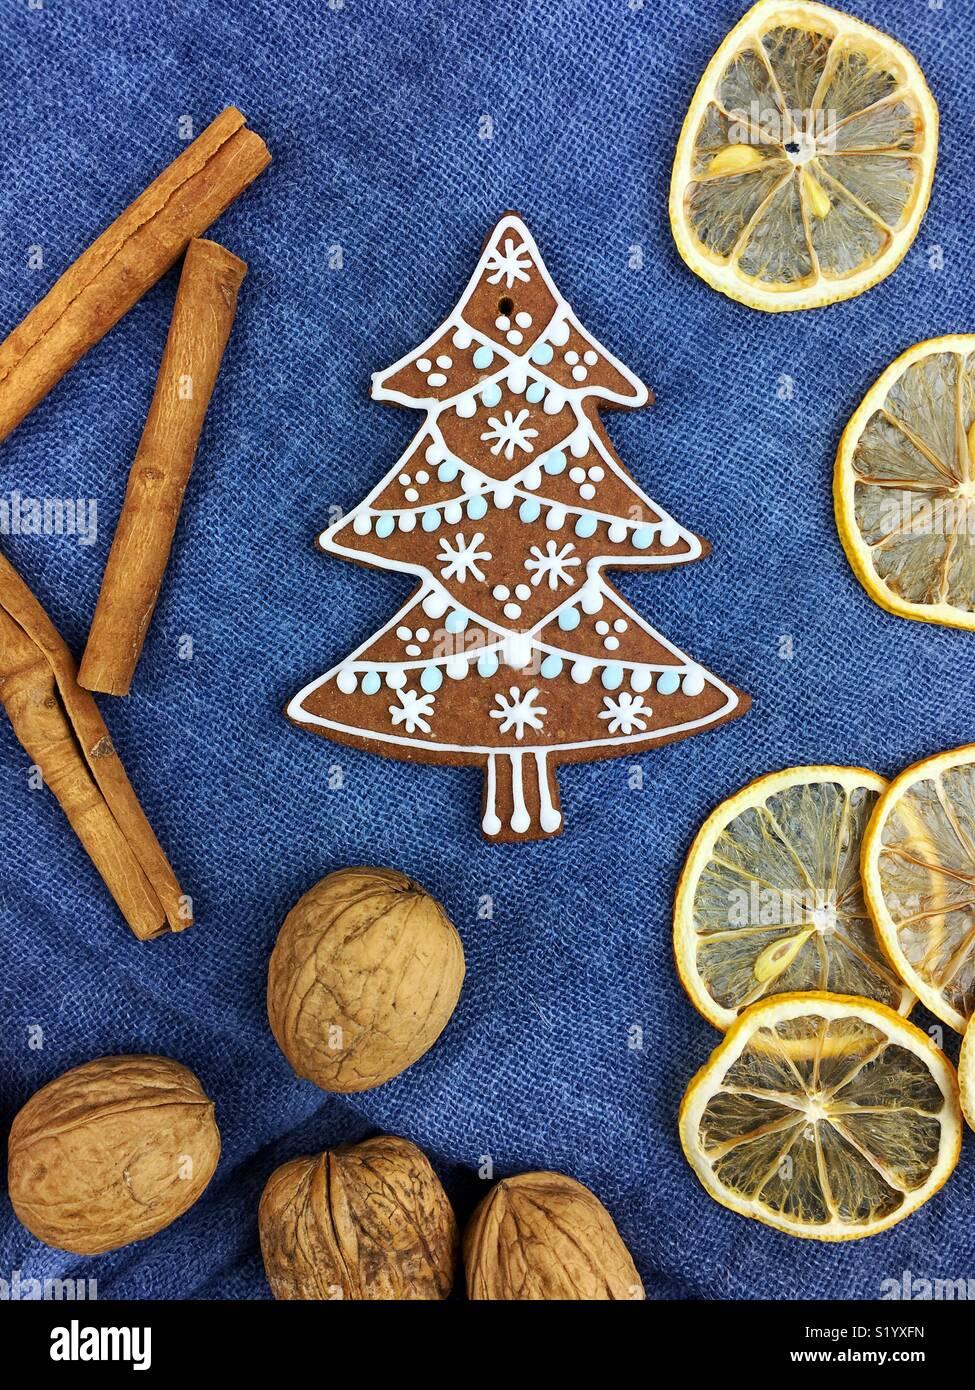 Pan di zenzero biscotti di Natale decorazione Immagini Stock